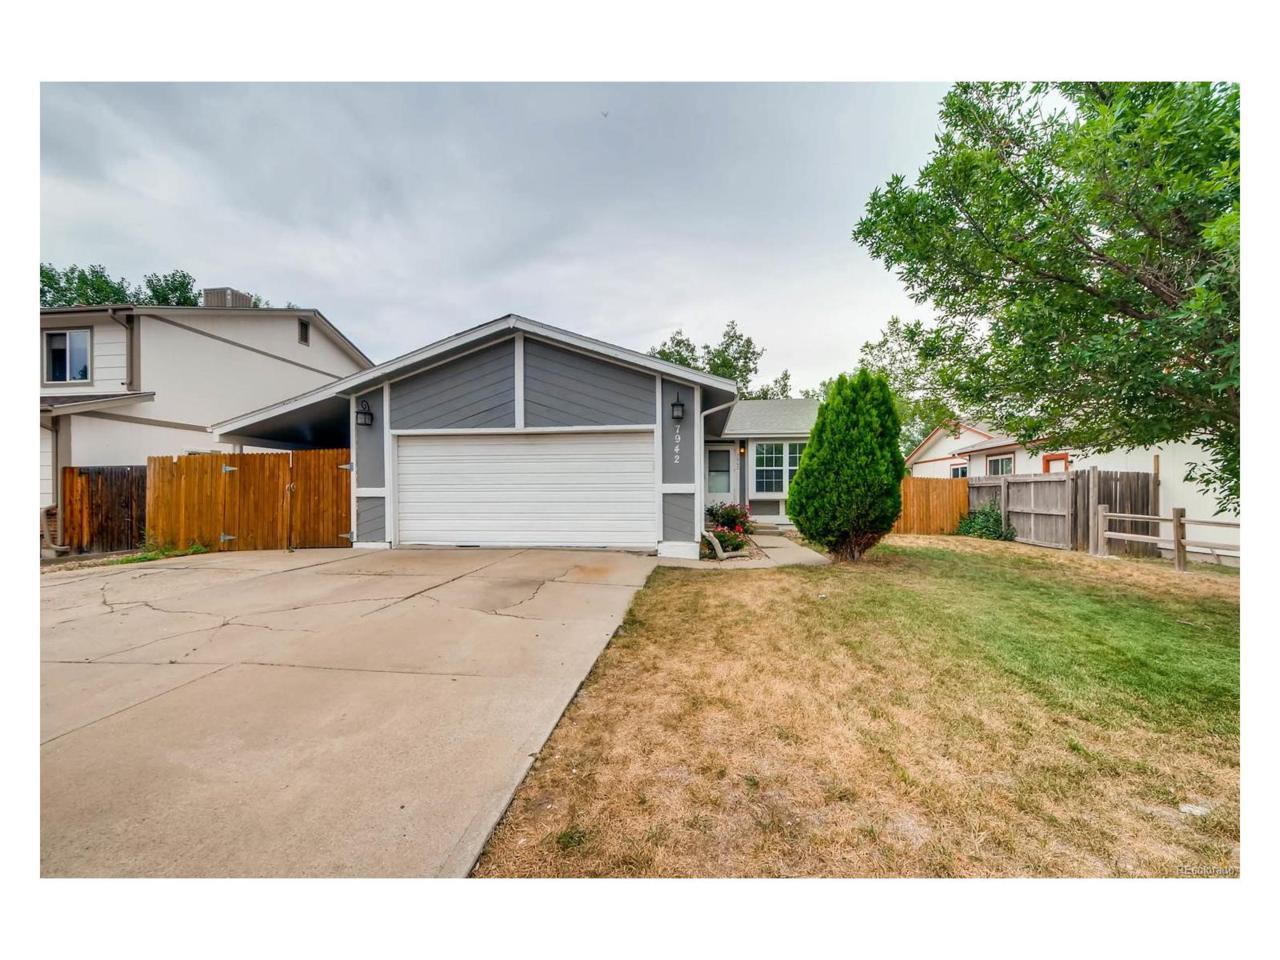 7942 Clarkson Court, Denver, CO 80229 (MLS #7465900) :: 8z Real Estate